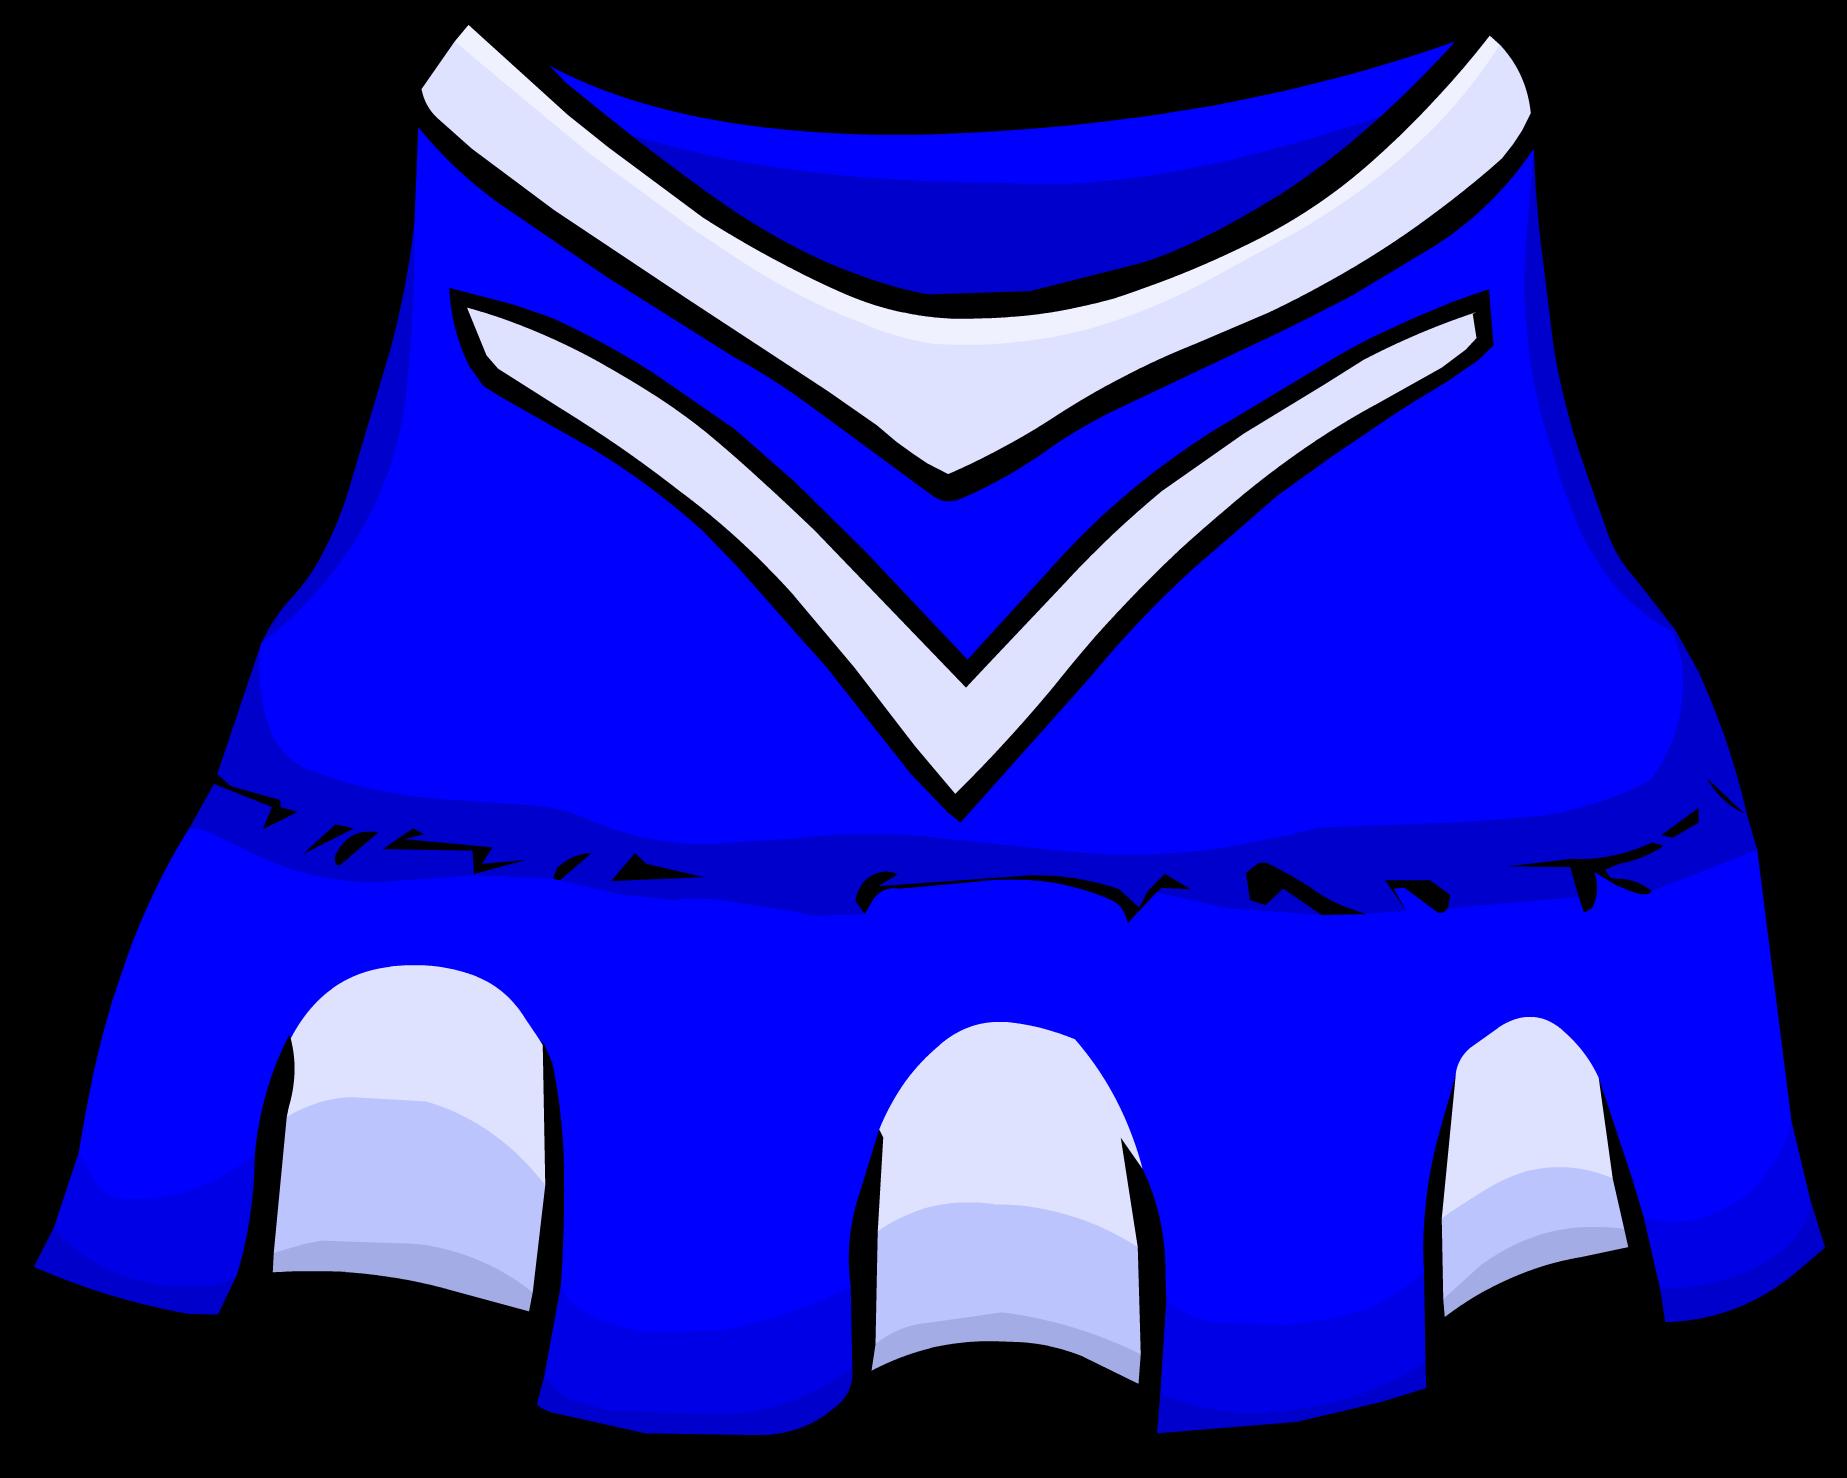 Blue apron wiki - Blue Apron Wiki 83